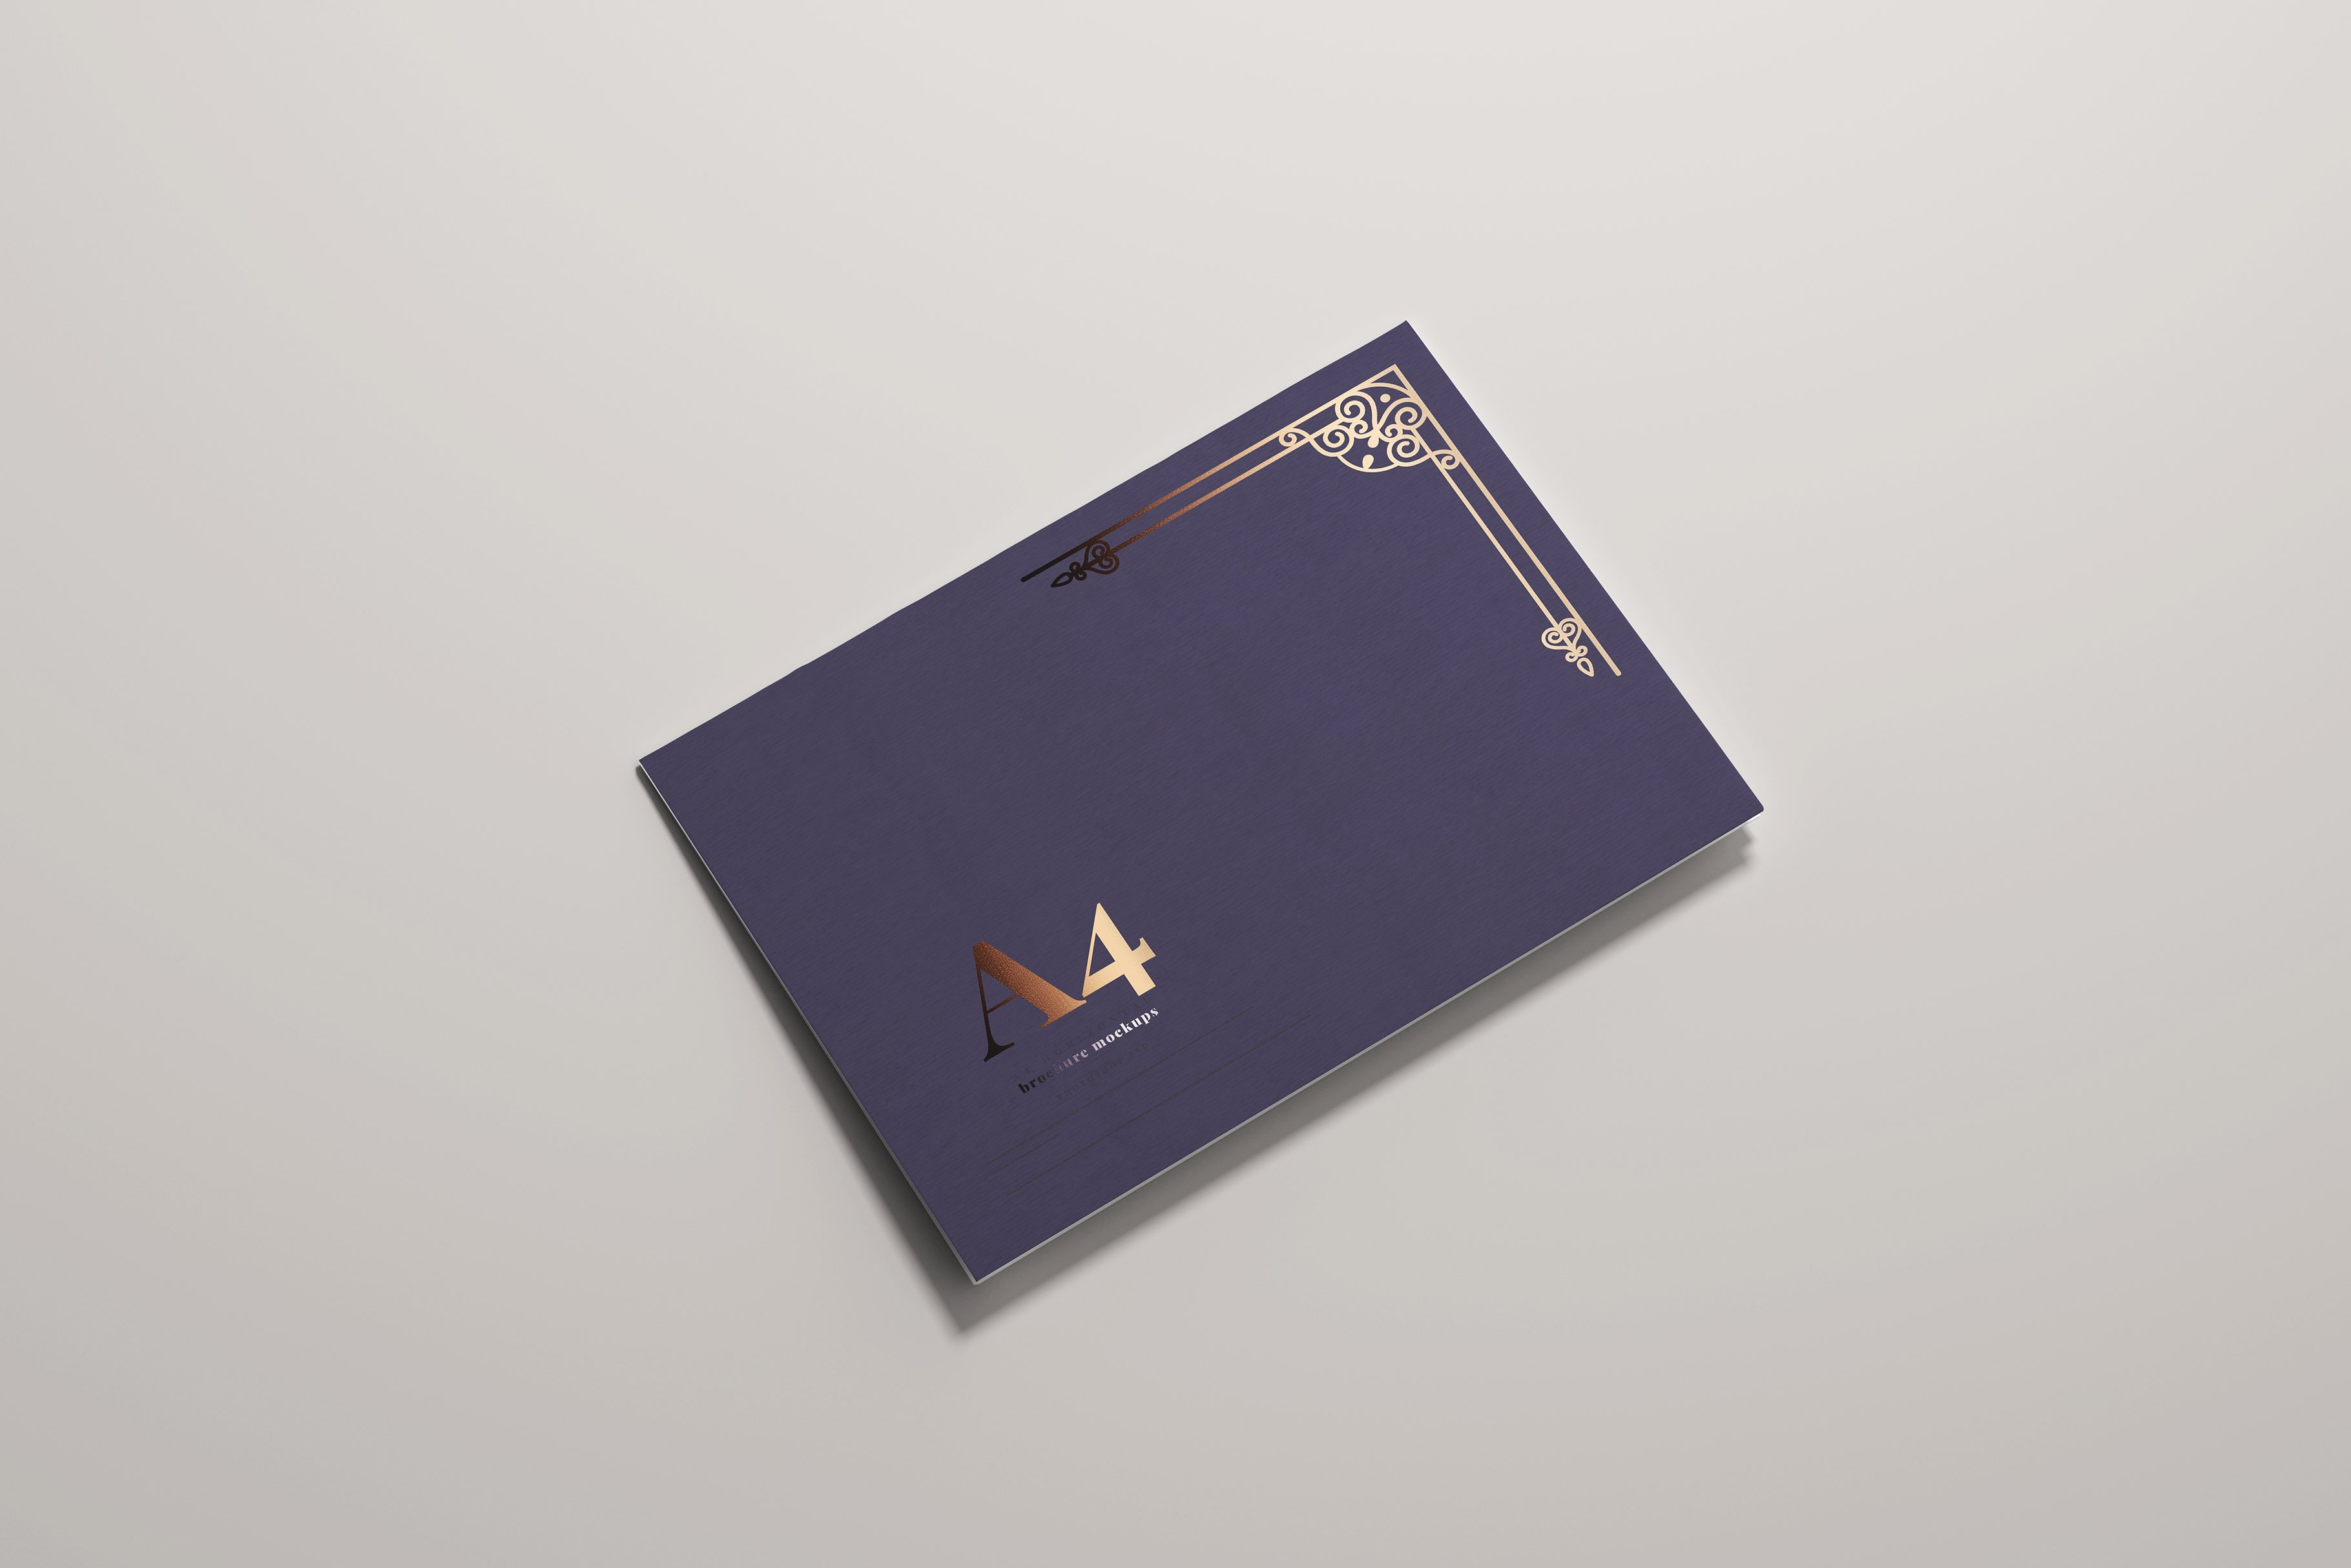 8款烫印效果A4横向两折页小册子设计展示贴图PSD样机模板 A4 Bi-Fold Horizontal Mockups插图(5)